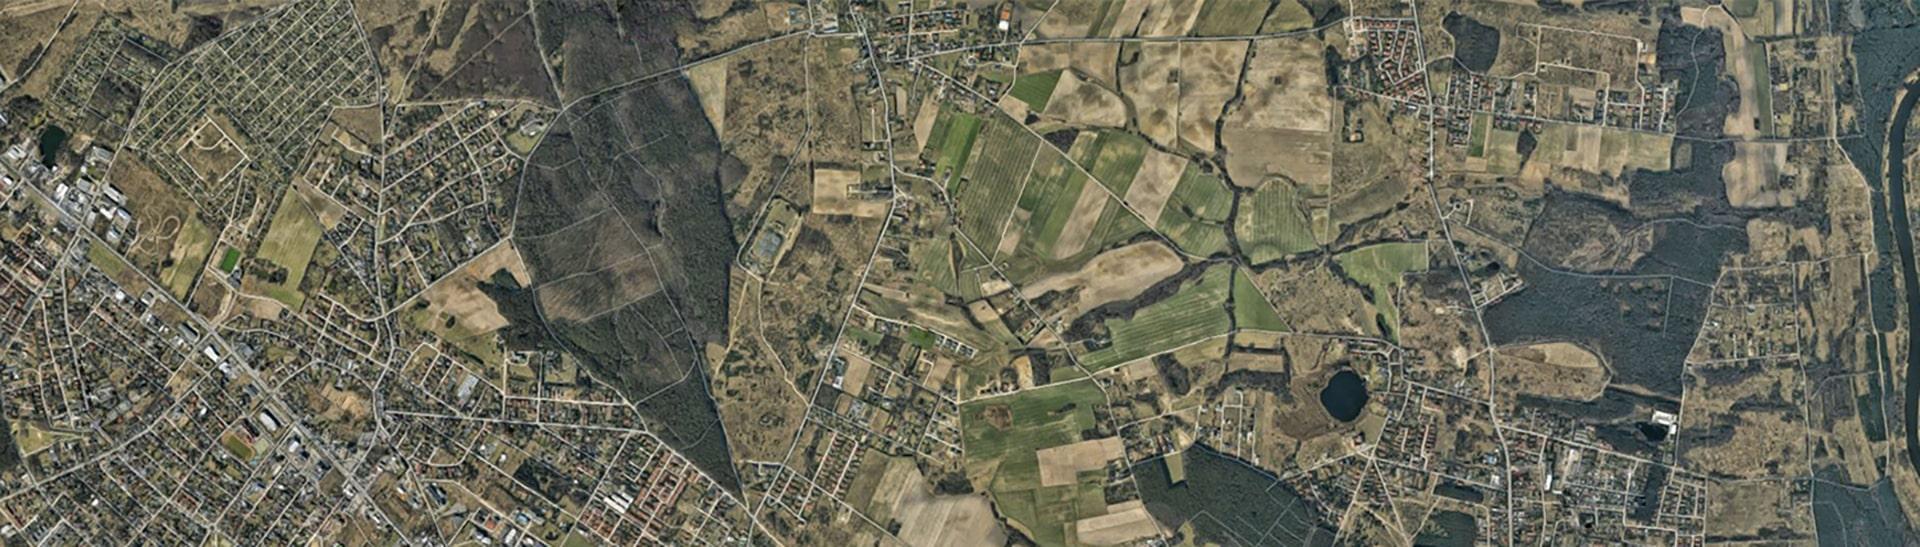 morasko-mapa